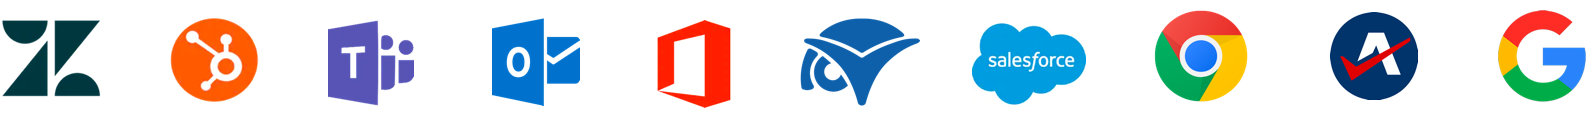 Cytracom Integrations